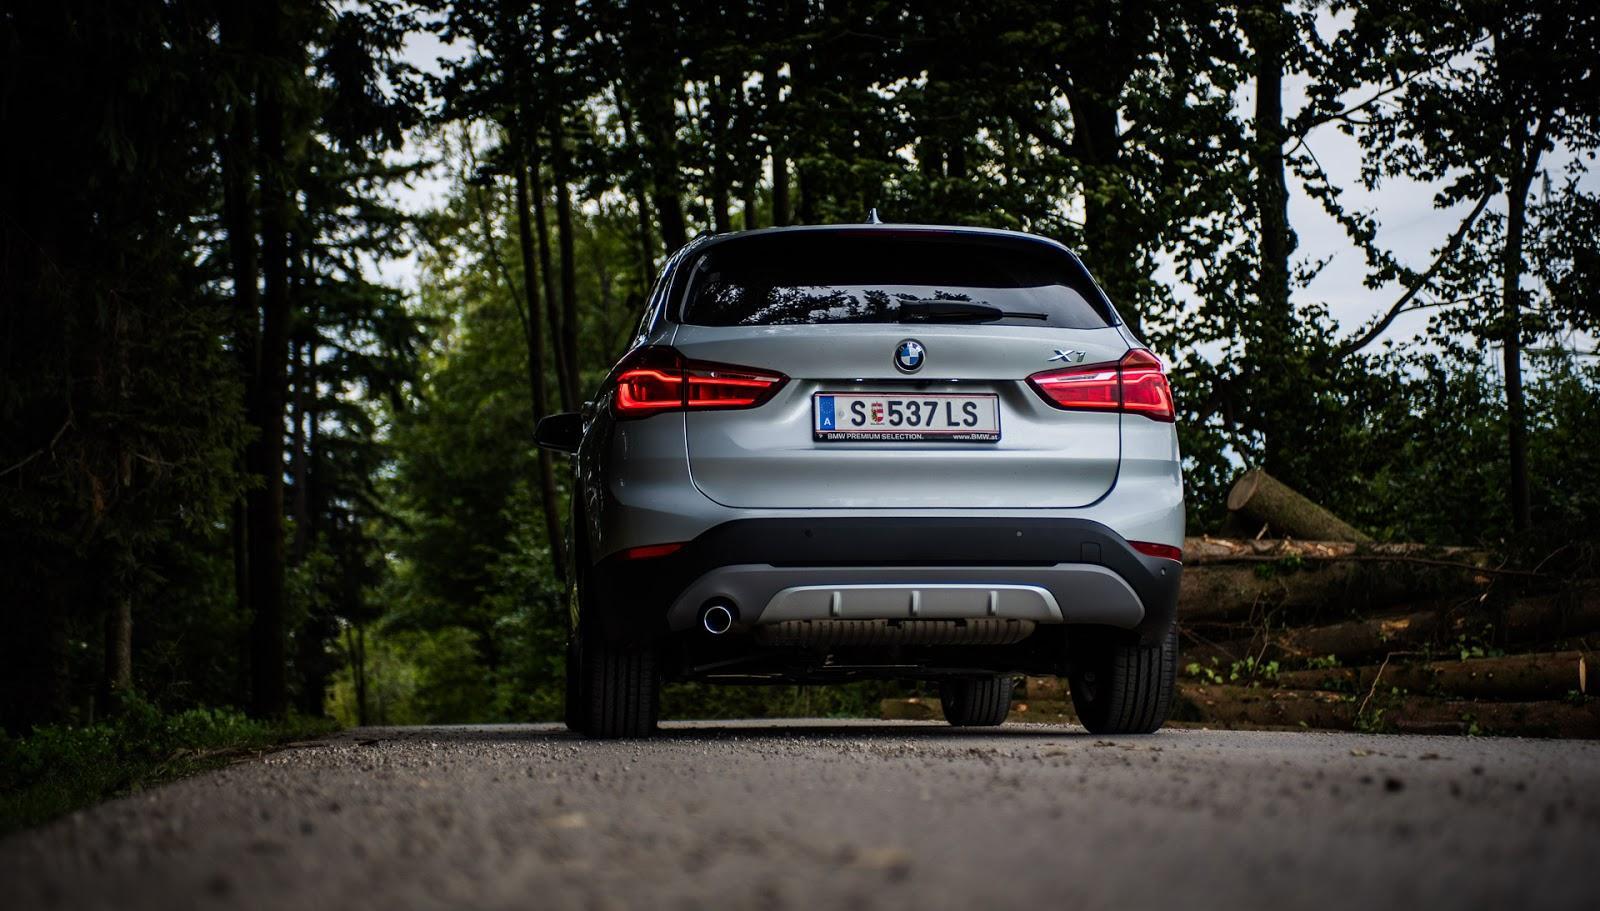 BMW-X1-F48-6.jpeg